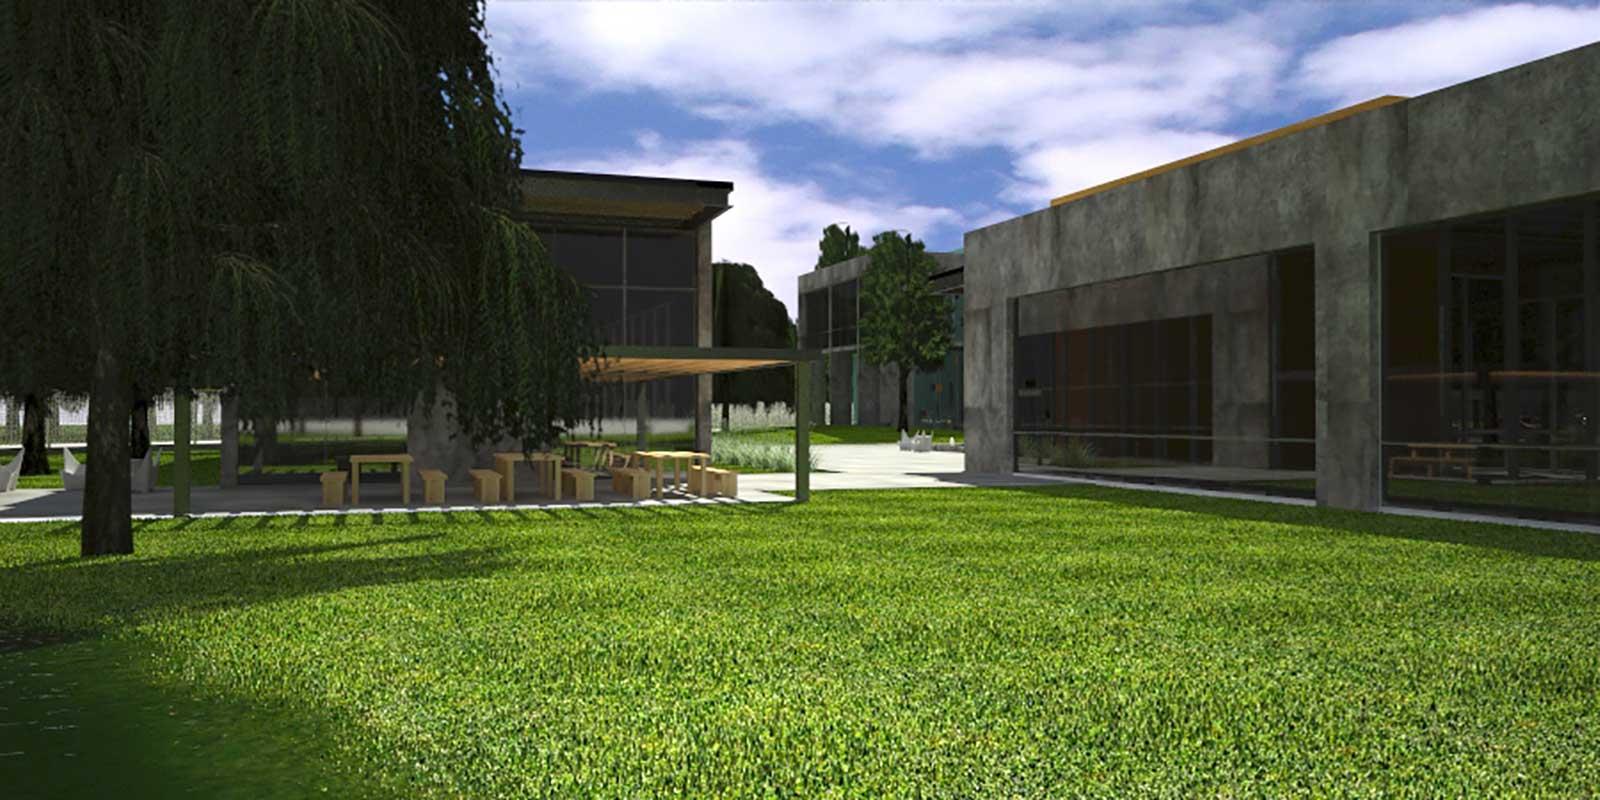 Manusia Arquitectura